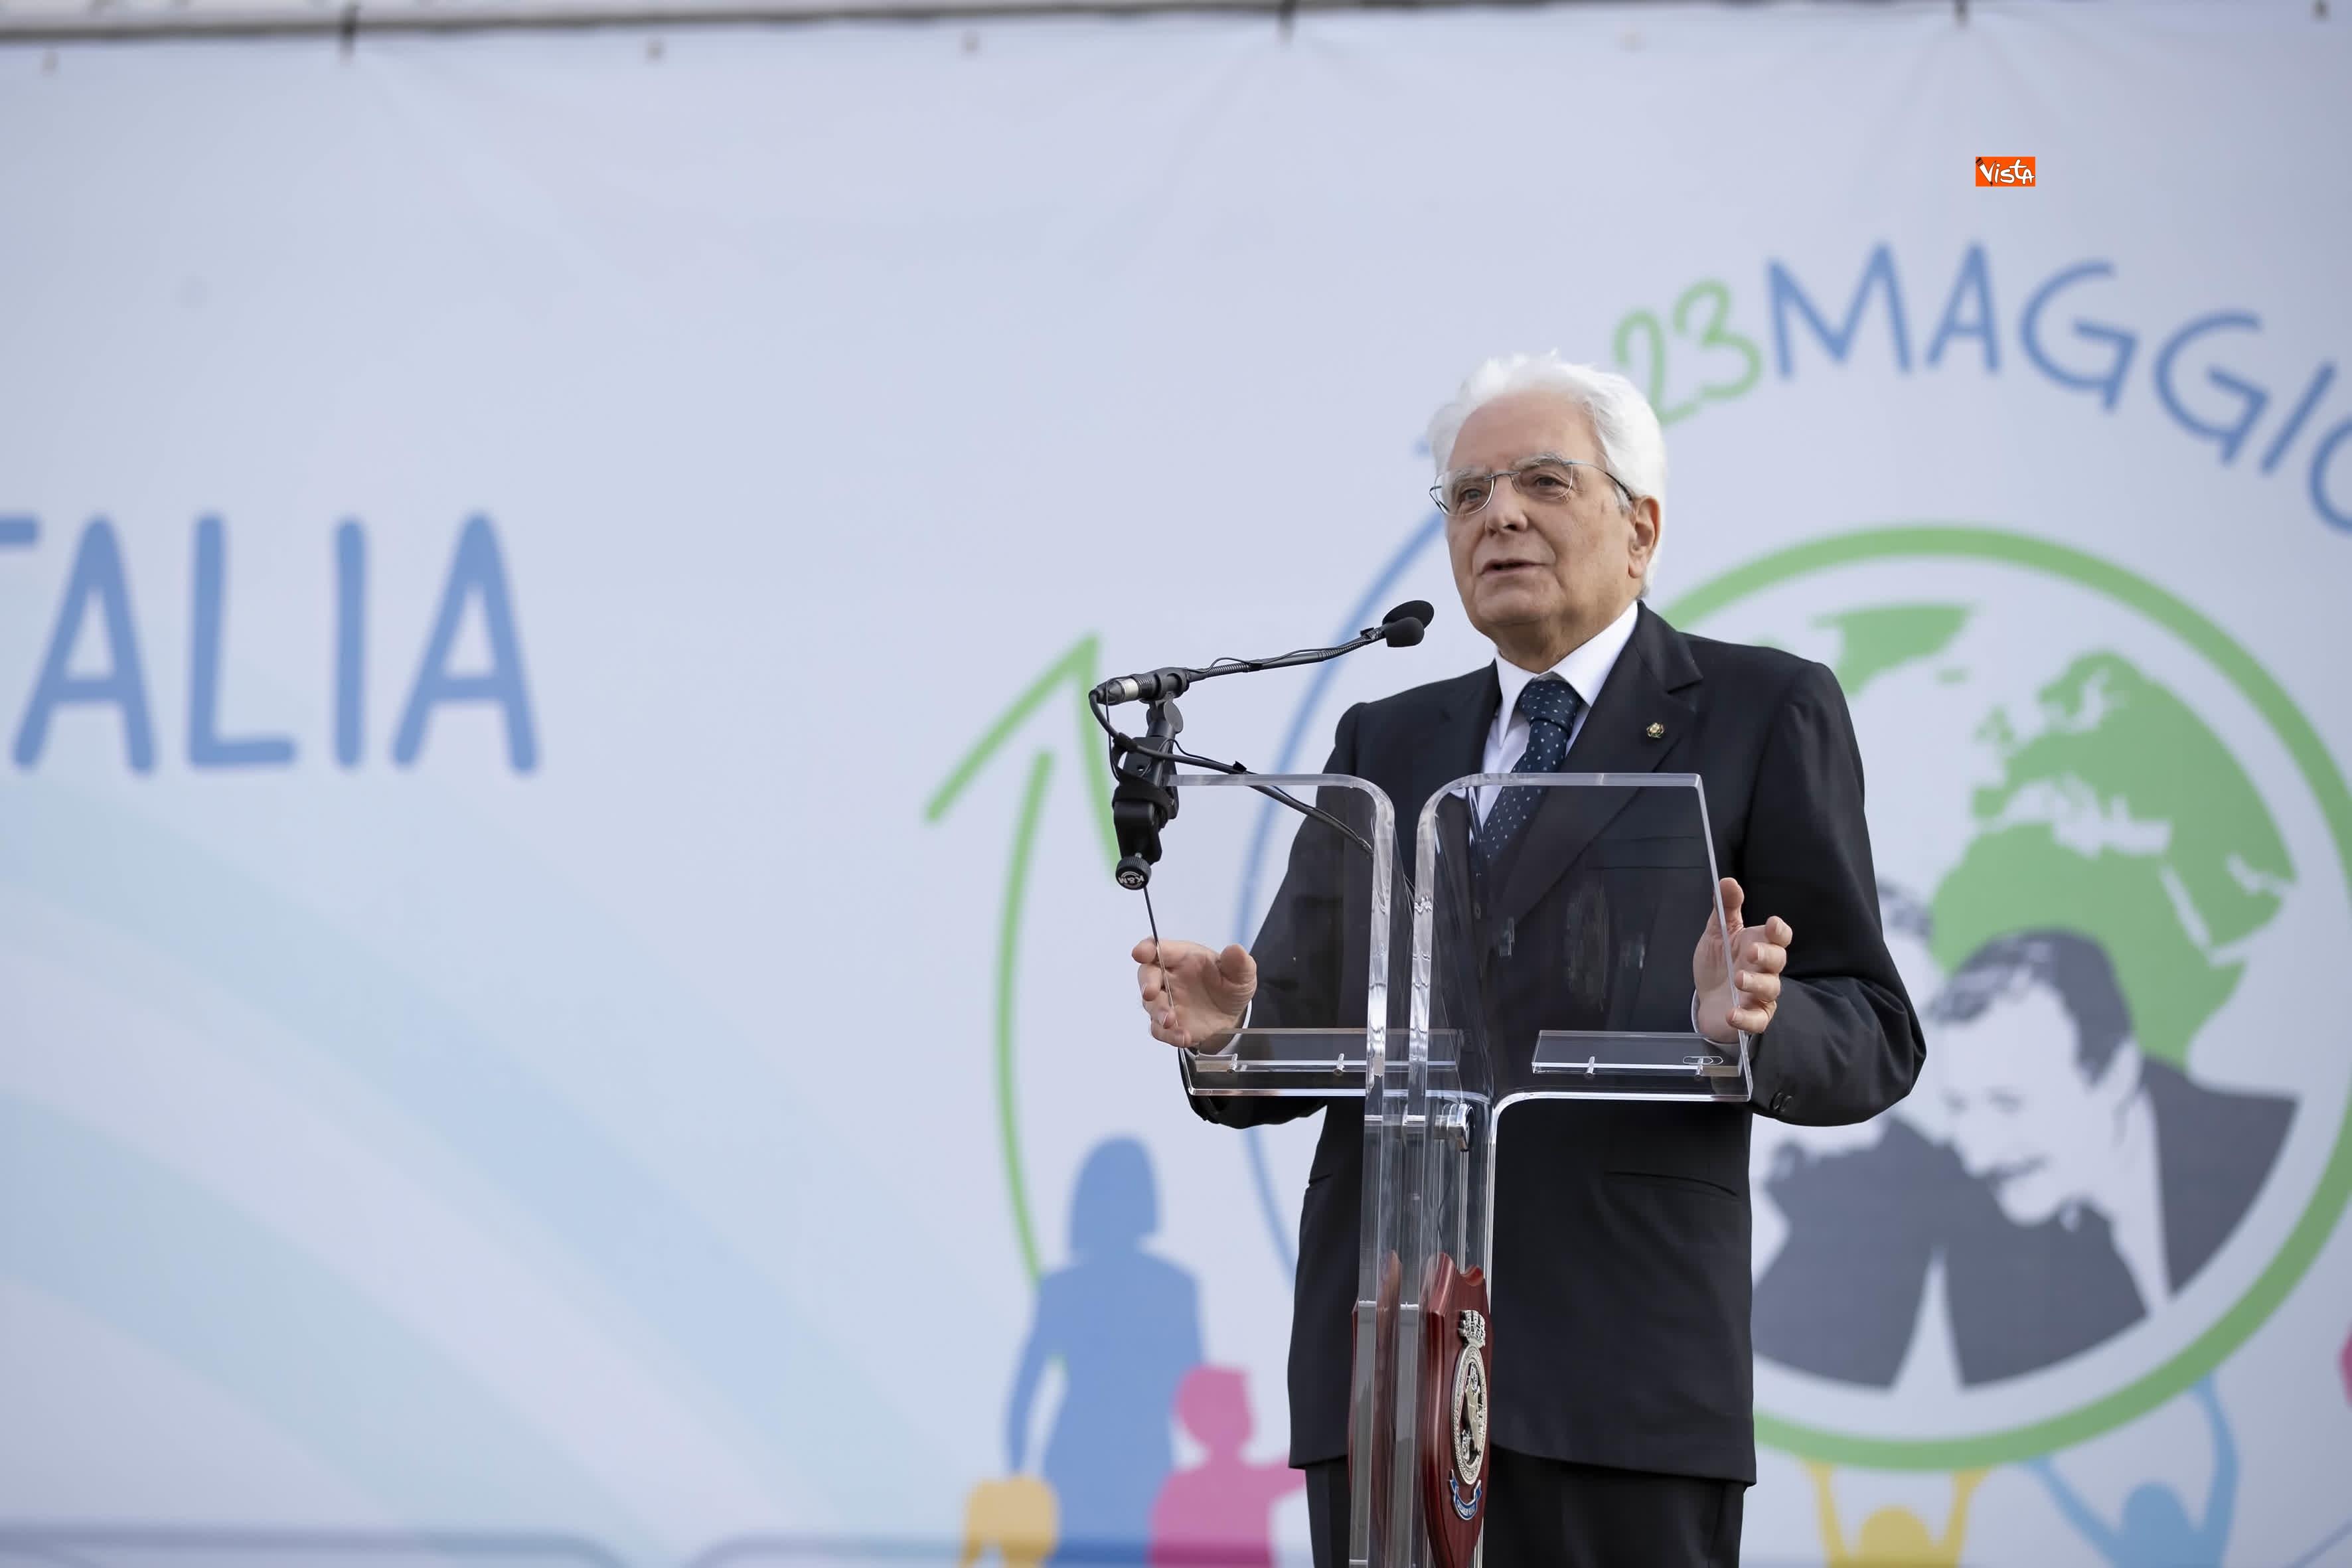 22-05-19 Il presidente Mattarella all'inaugurazione della nave della legalita_03